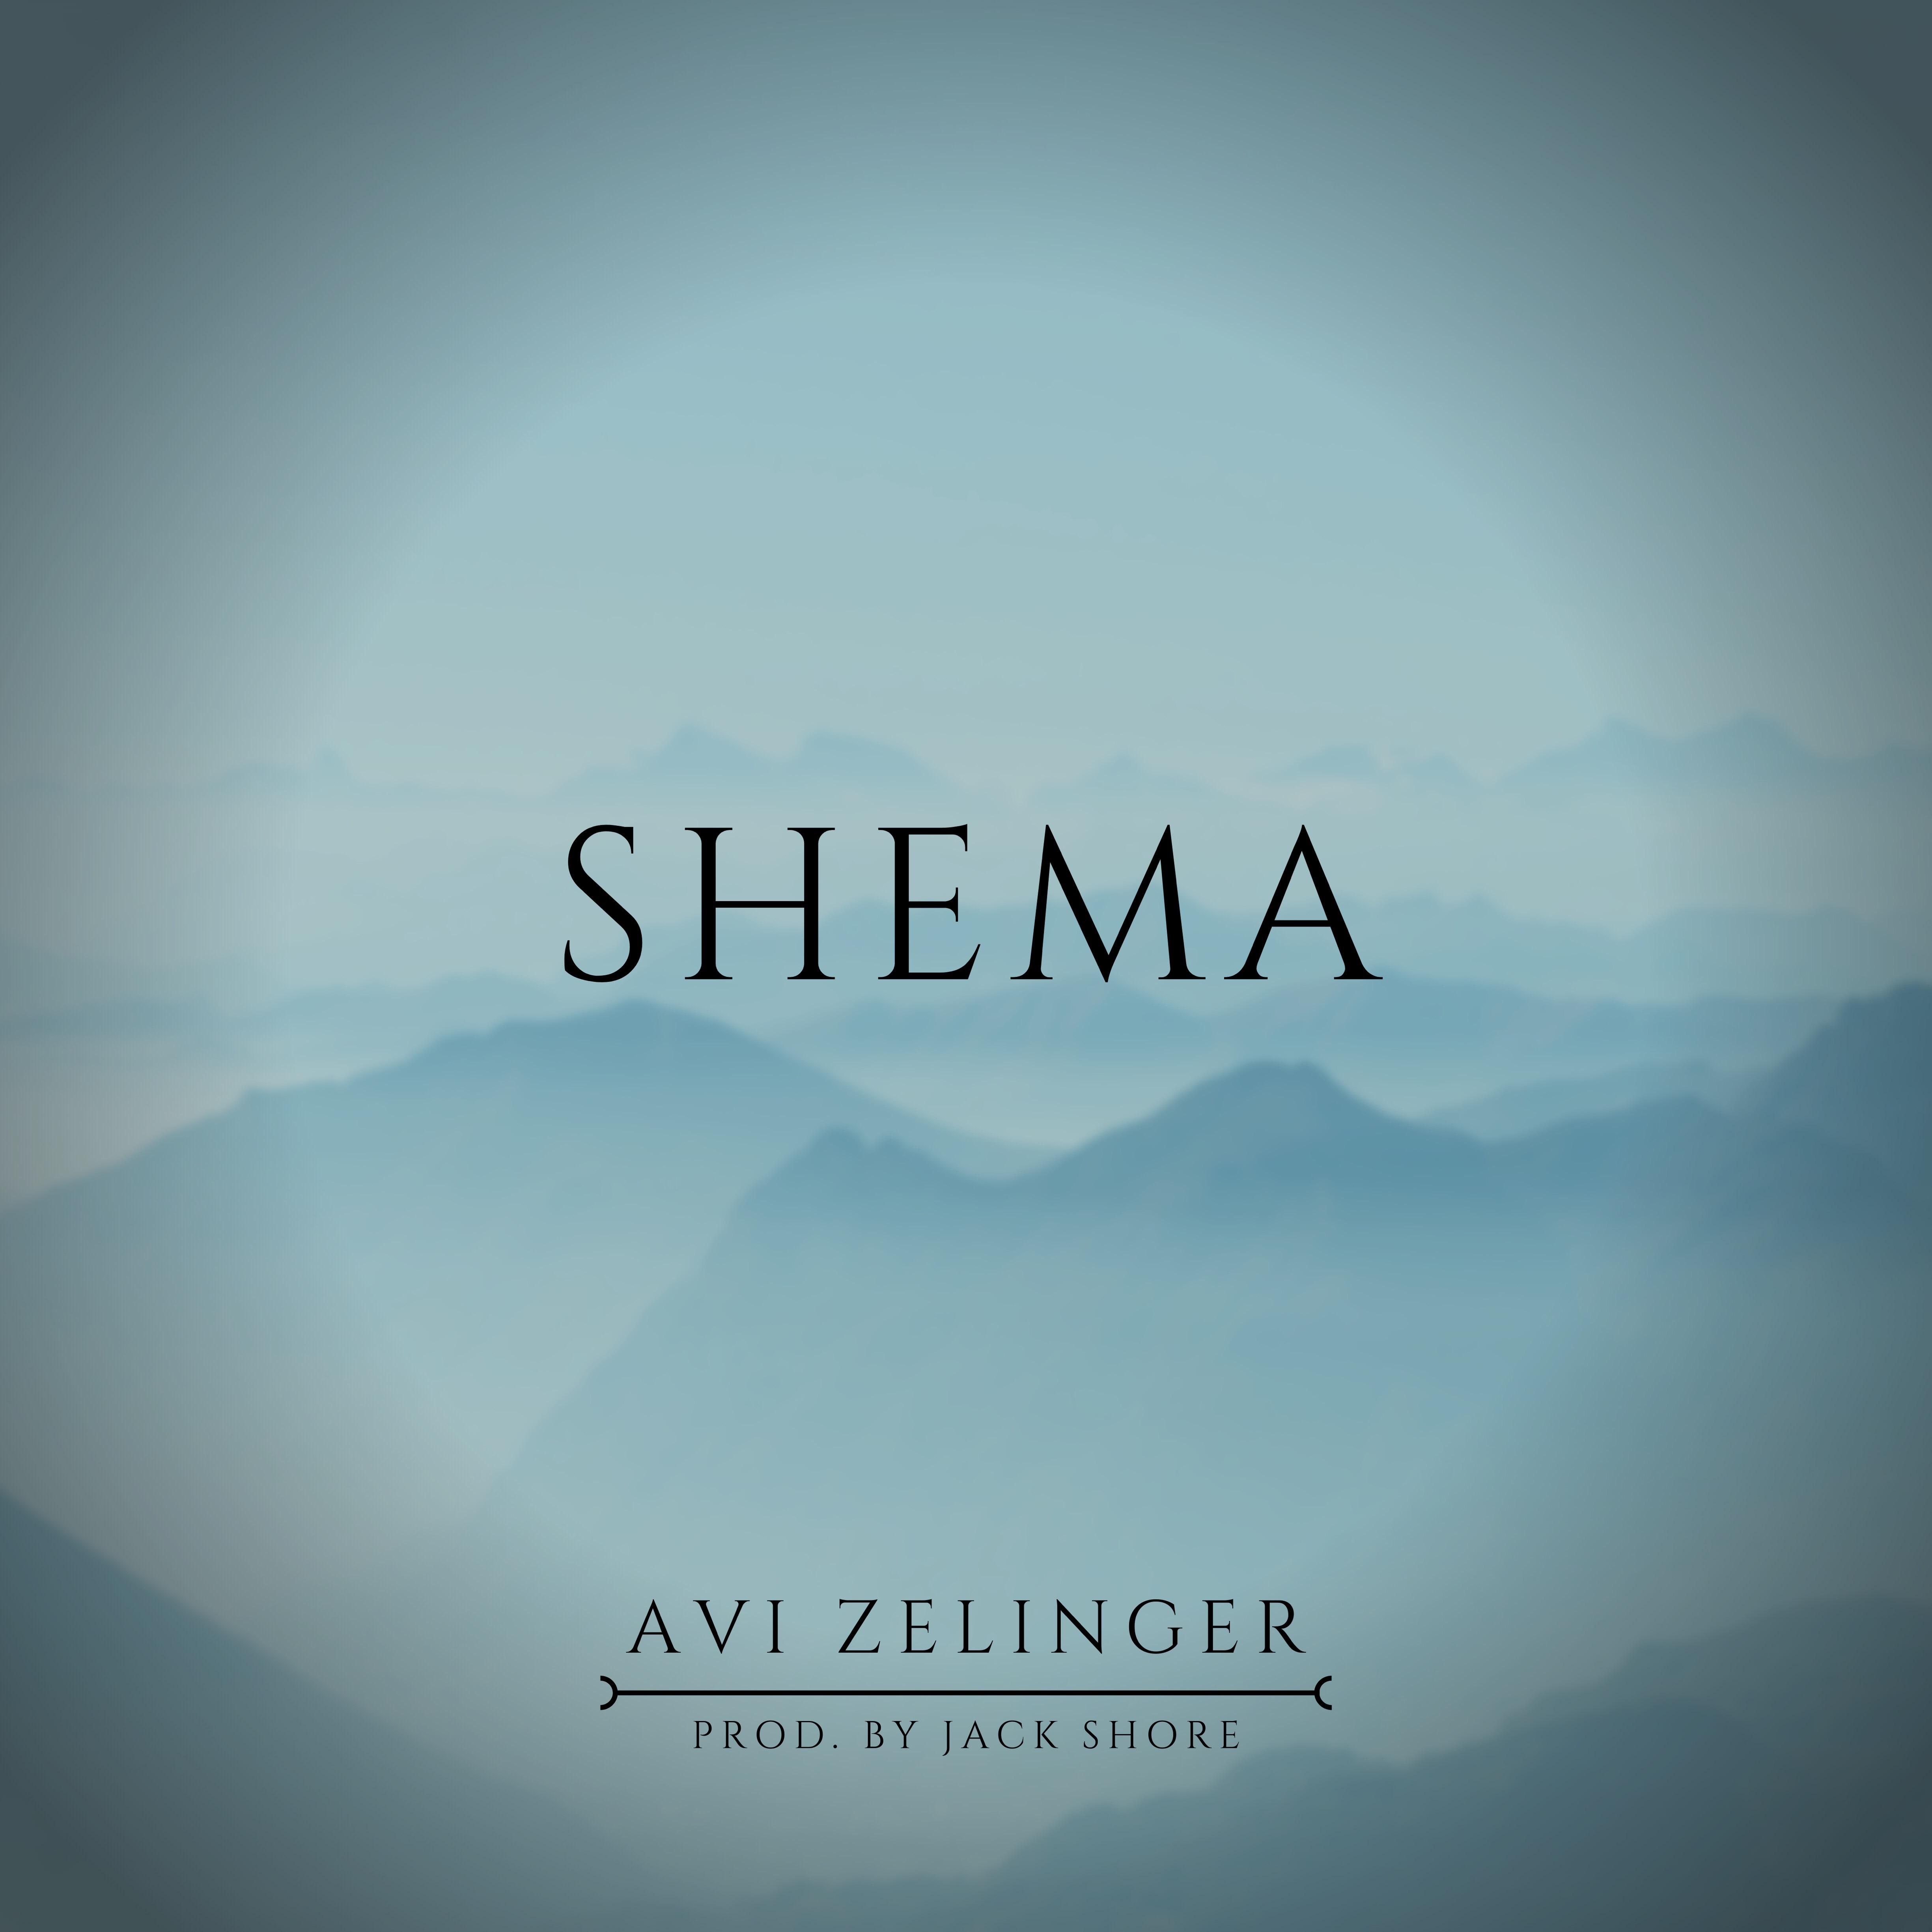 Avi Zelinger - Shema